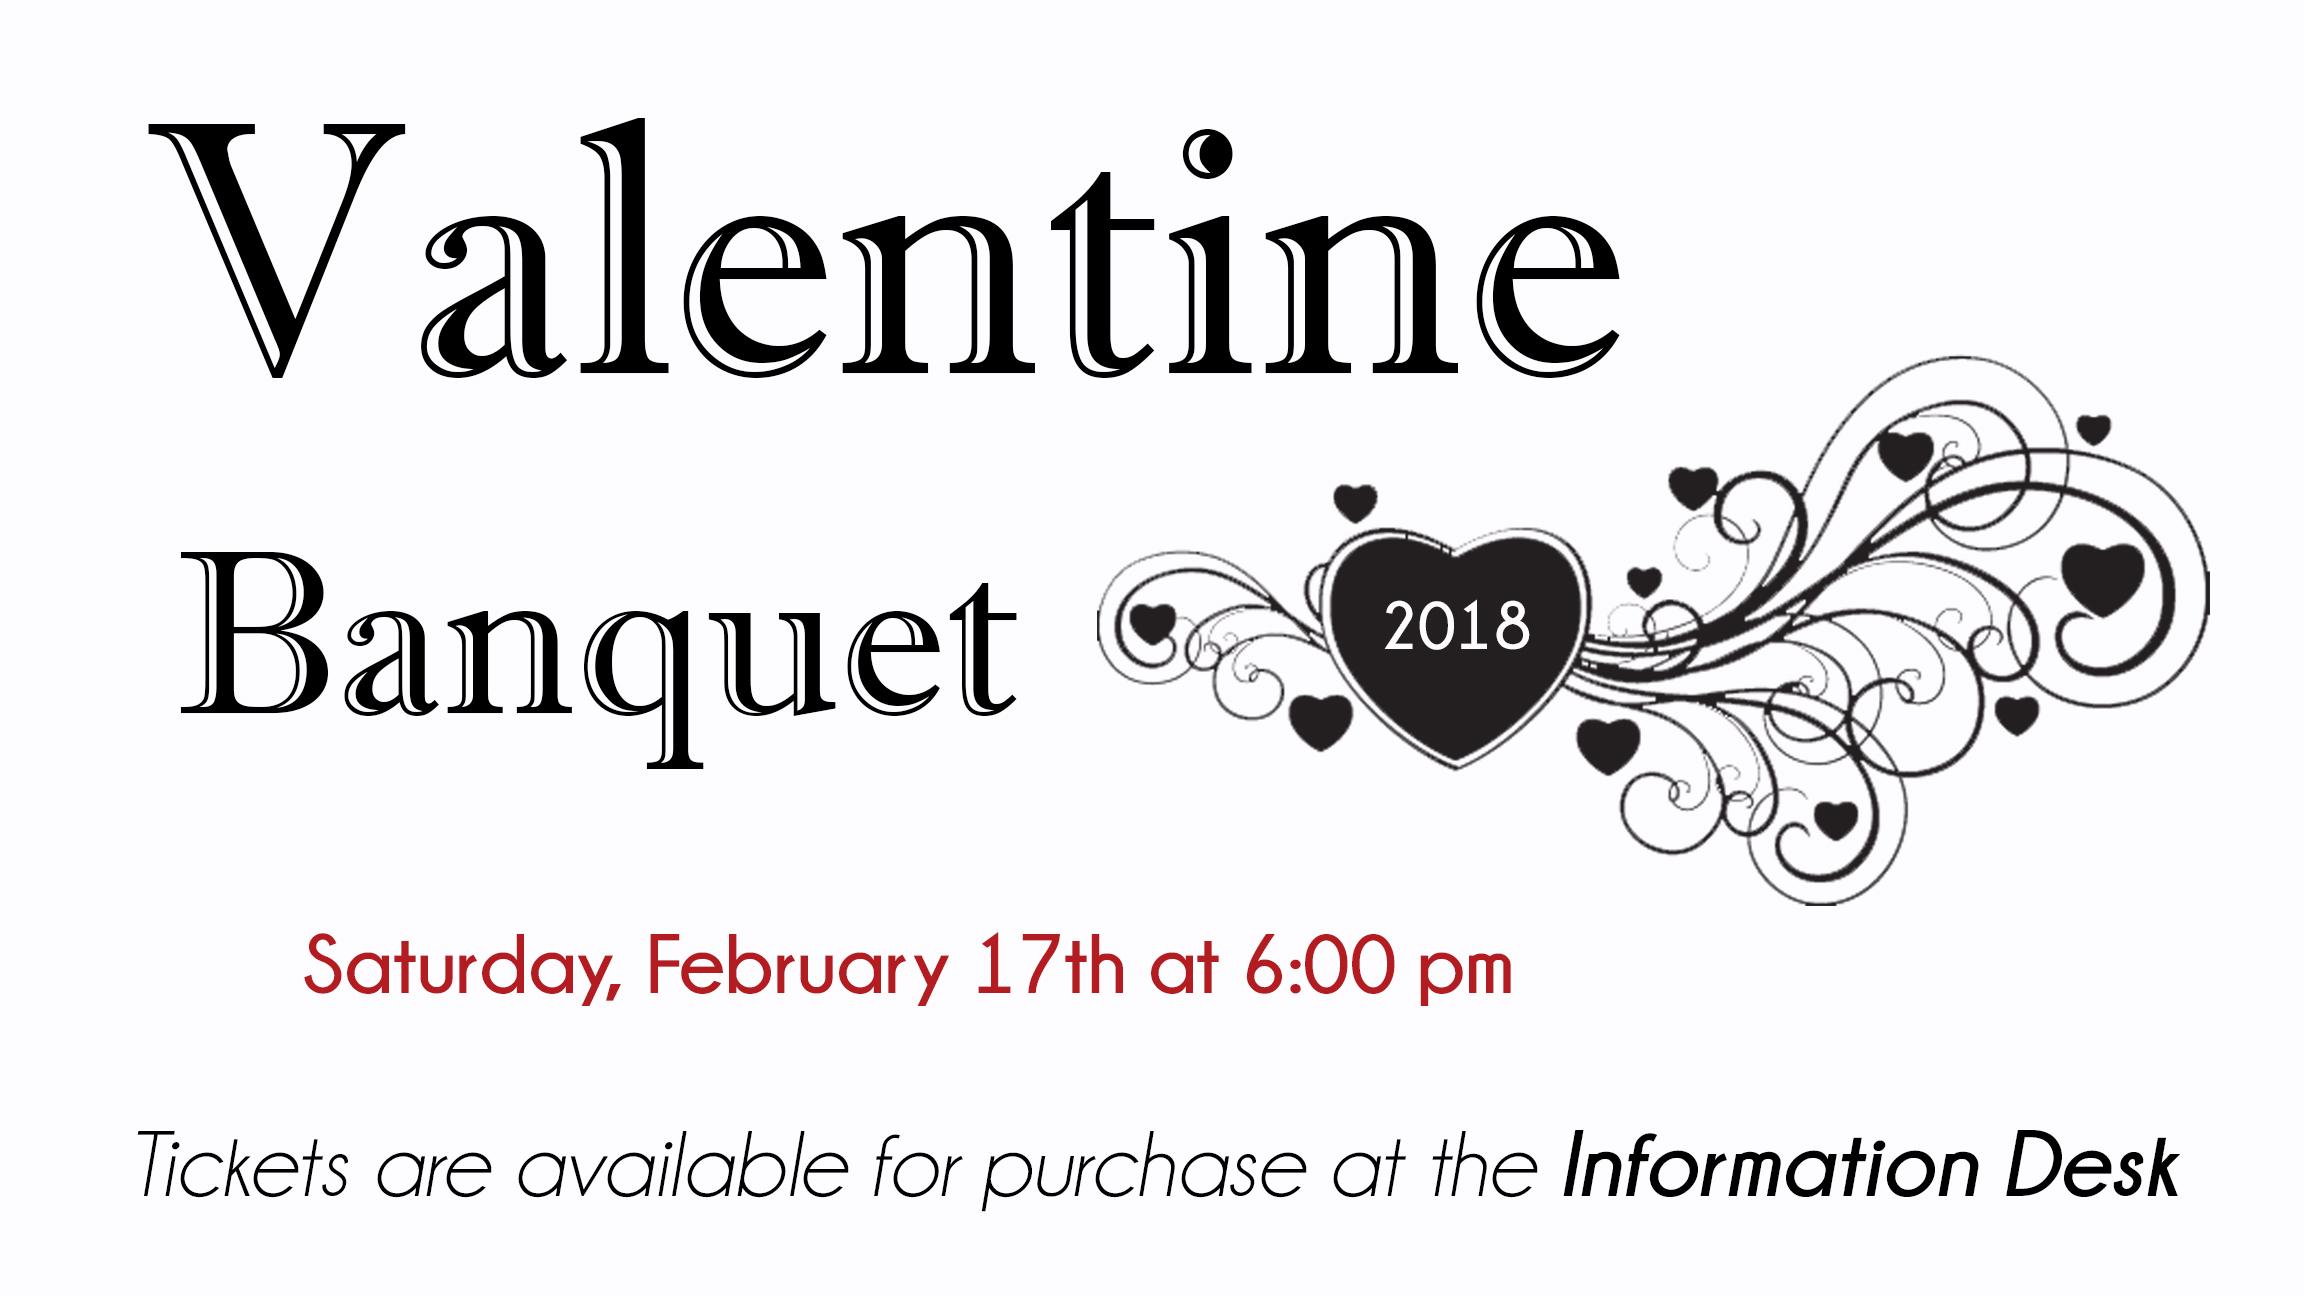 Valentine Banquet 2018